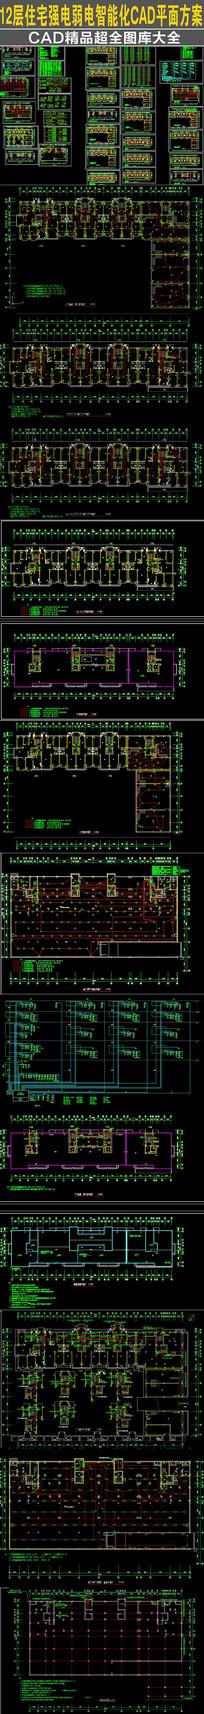 12层住宅强电弱电智能化 dwg